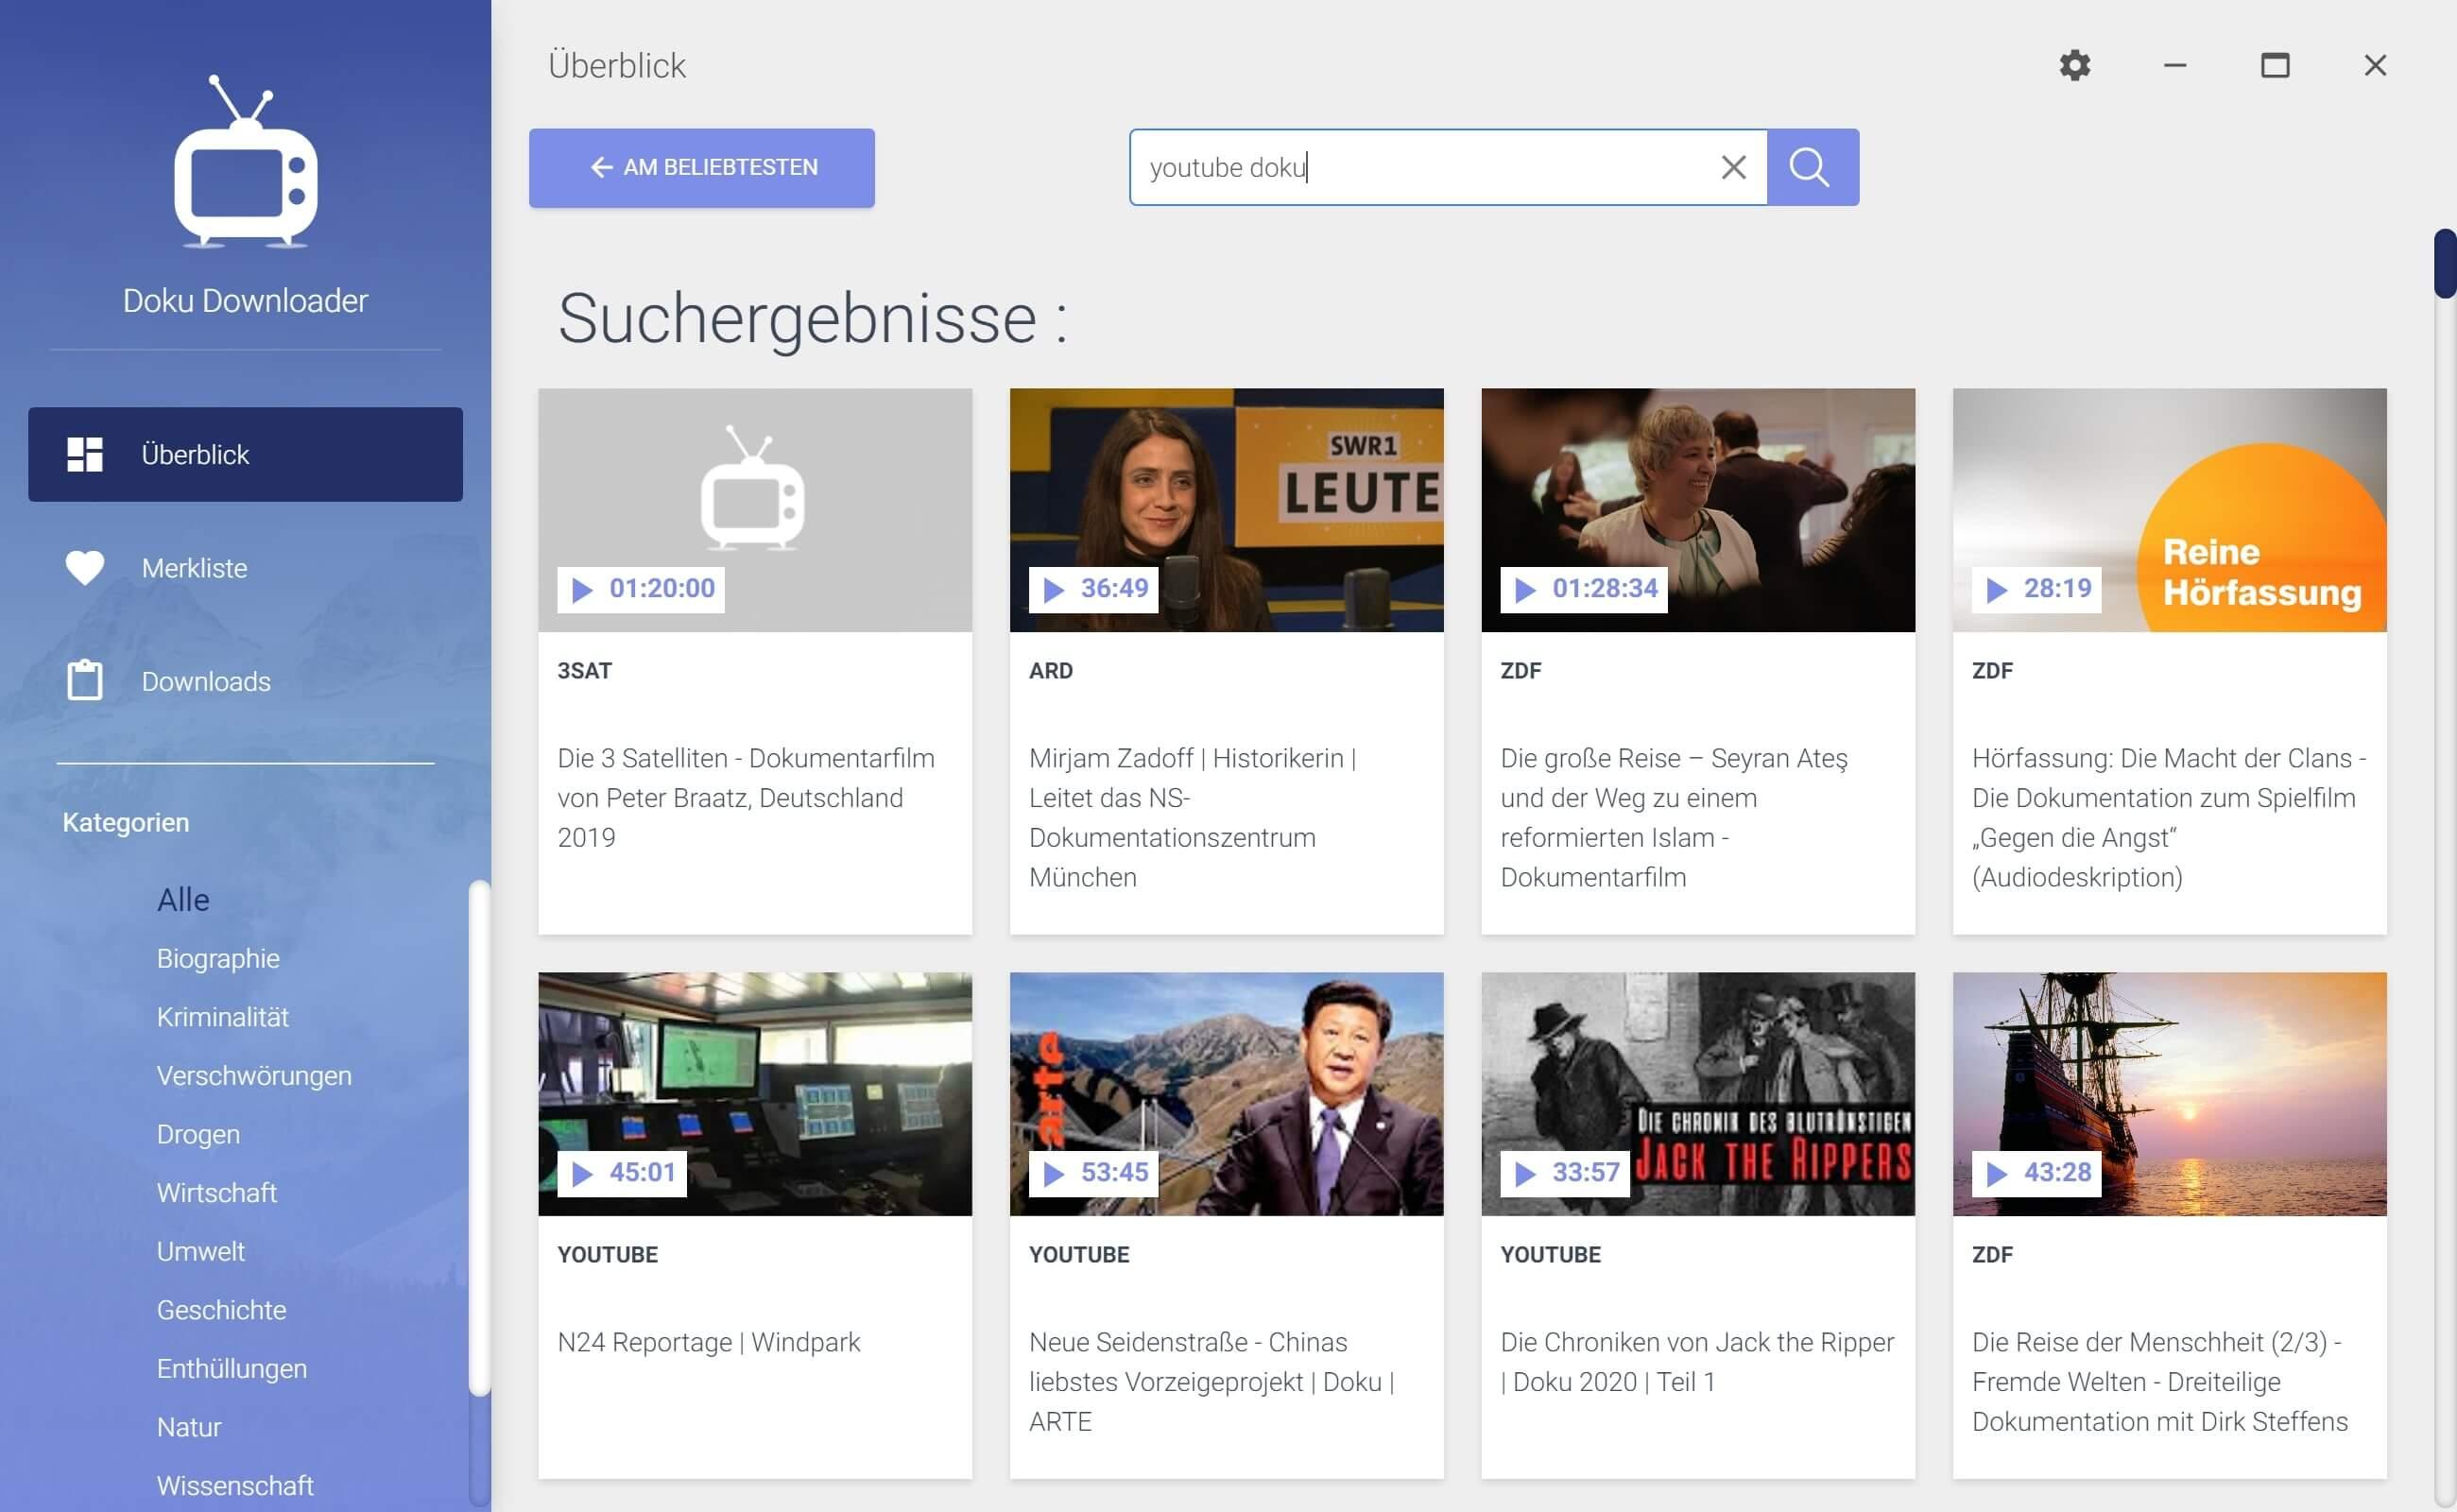 Youtube Dokumentationen herunterladen - Doku suchen